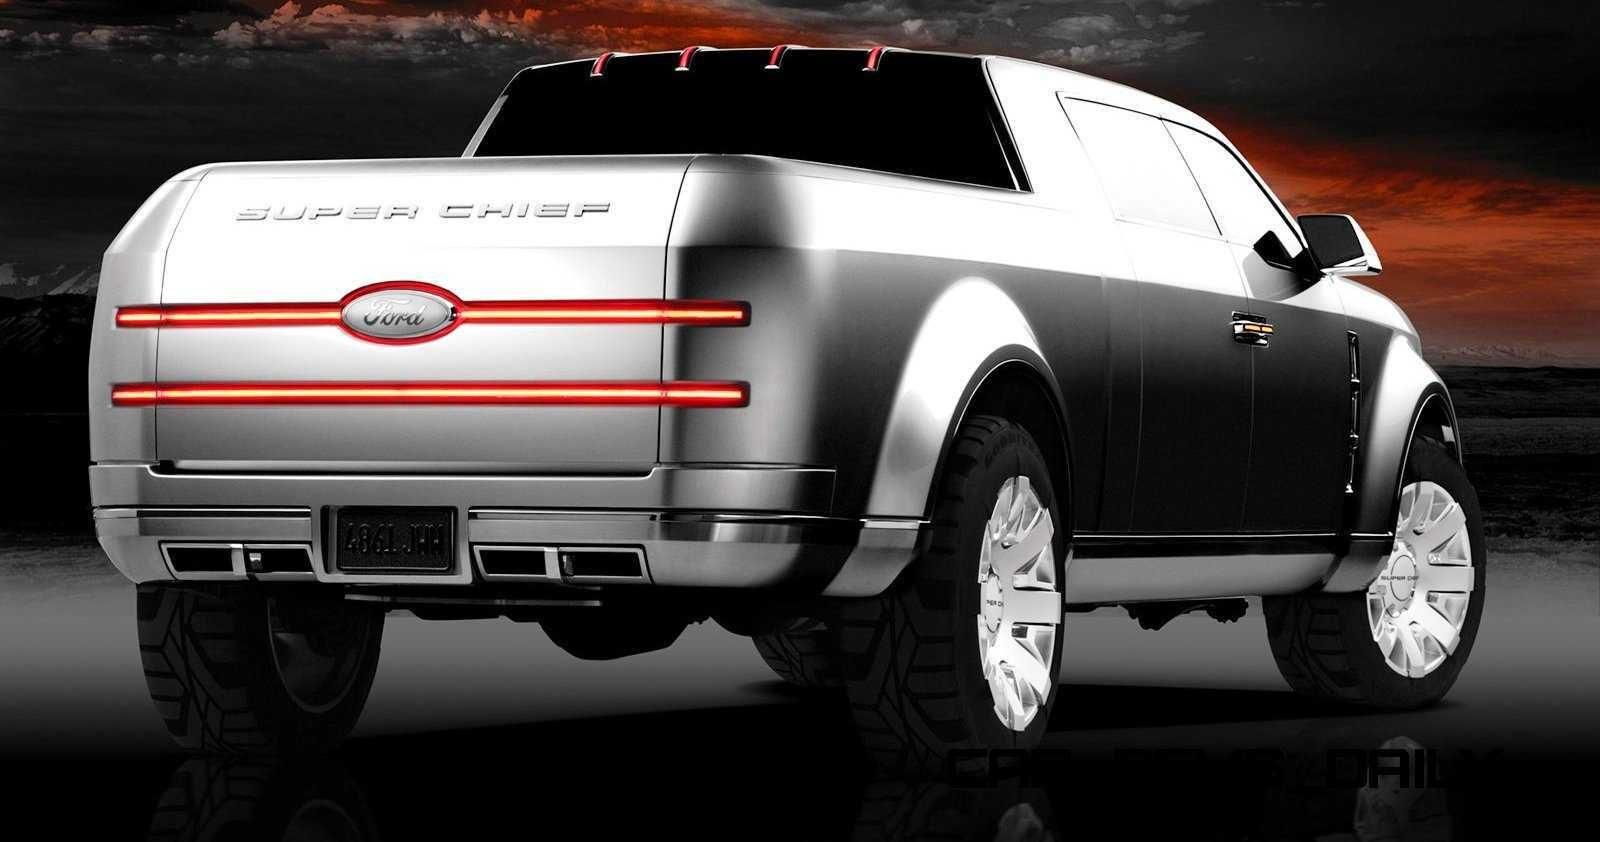 Ford-F-250_Super_Chief_Concept_2006_1600x1200_wallpaper_06